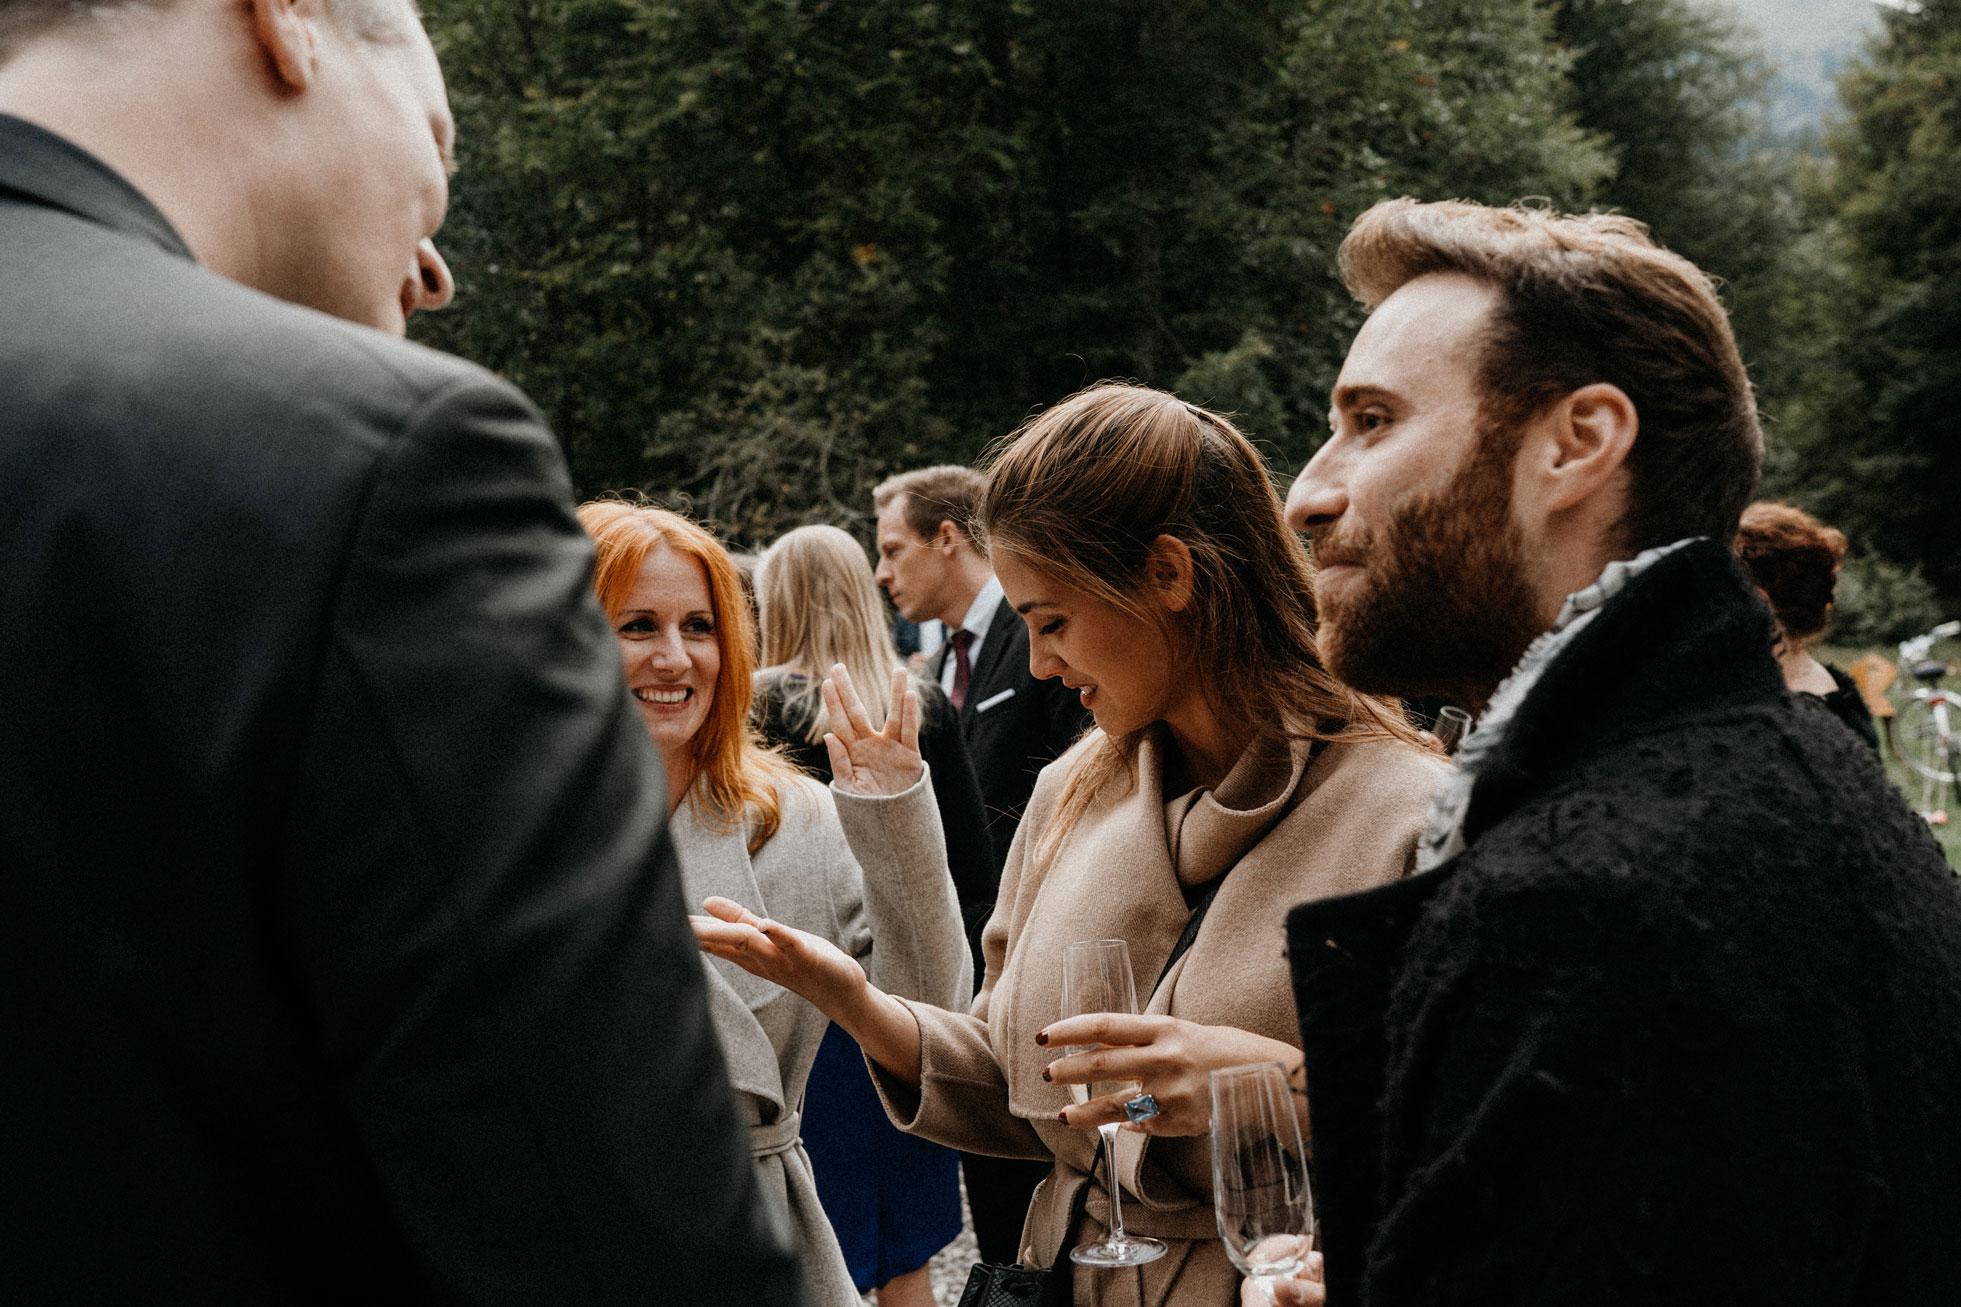 Hochzeit_Claire_Manuel_Villa_Maund_Daniel_Jenny-345.jpg